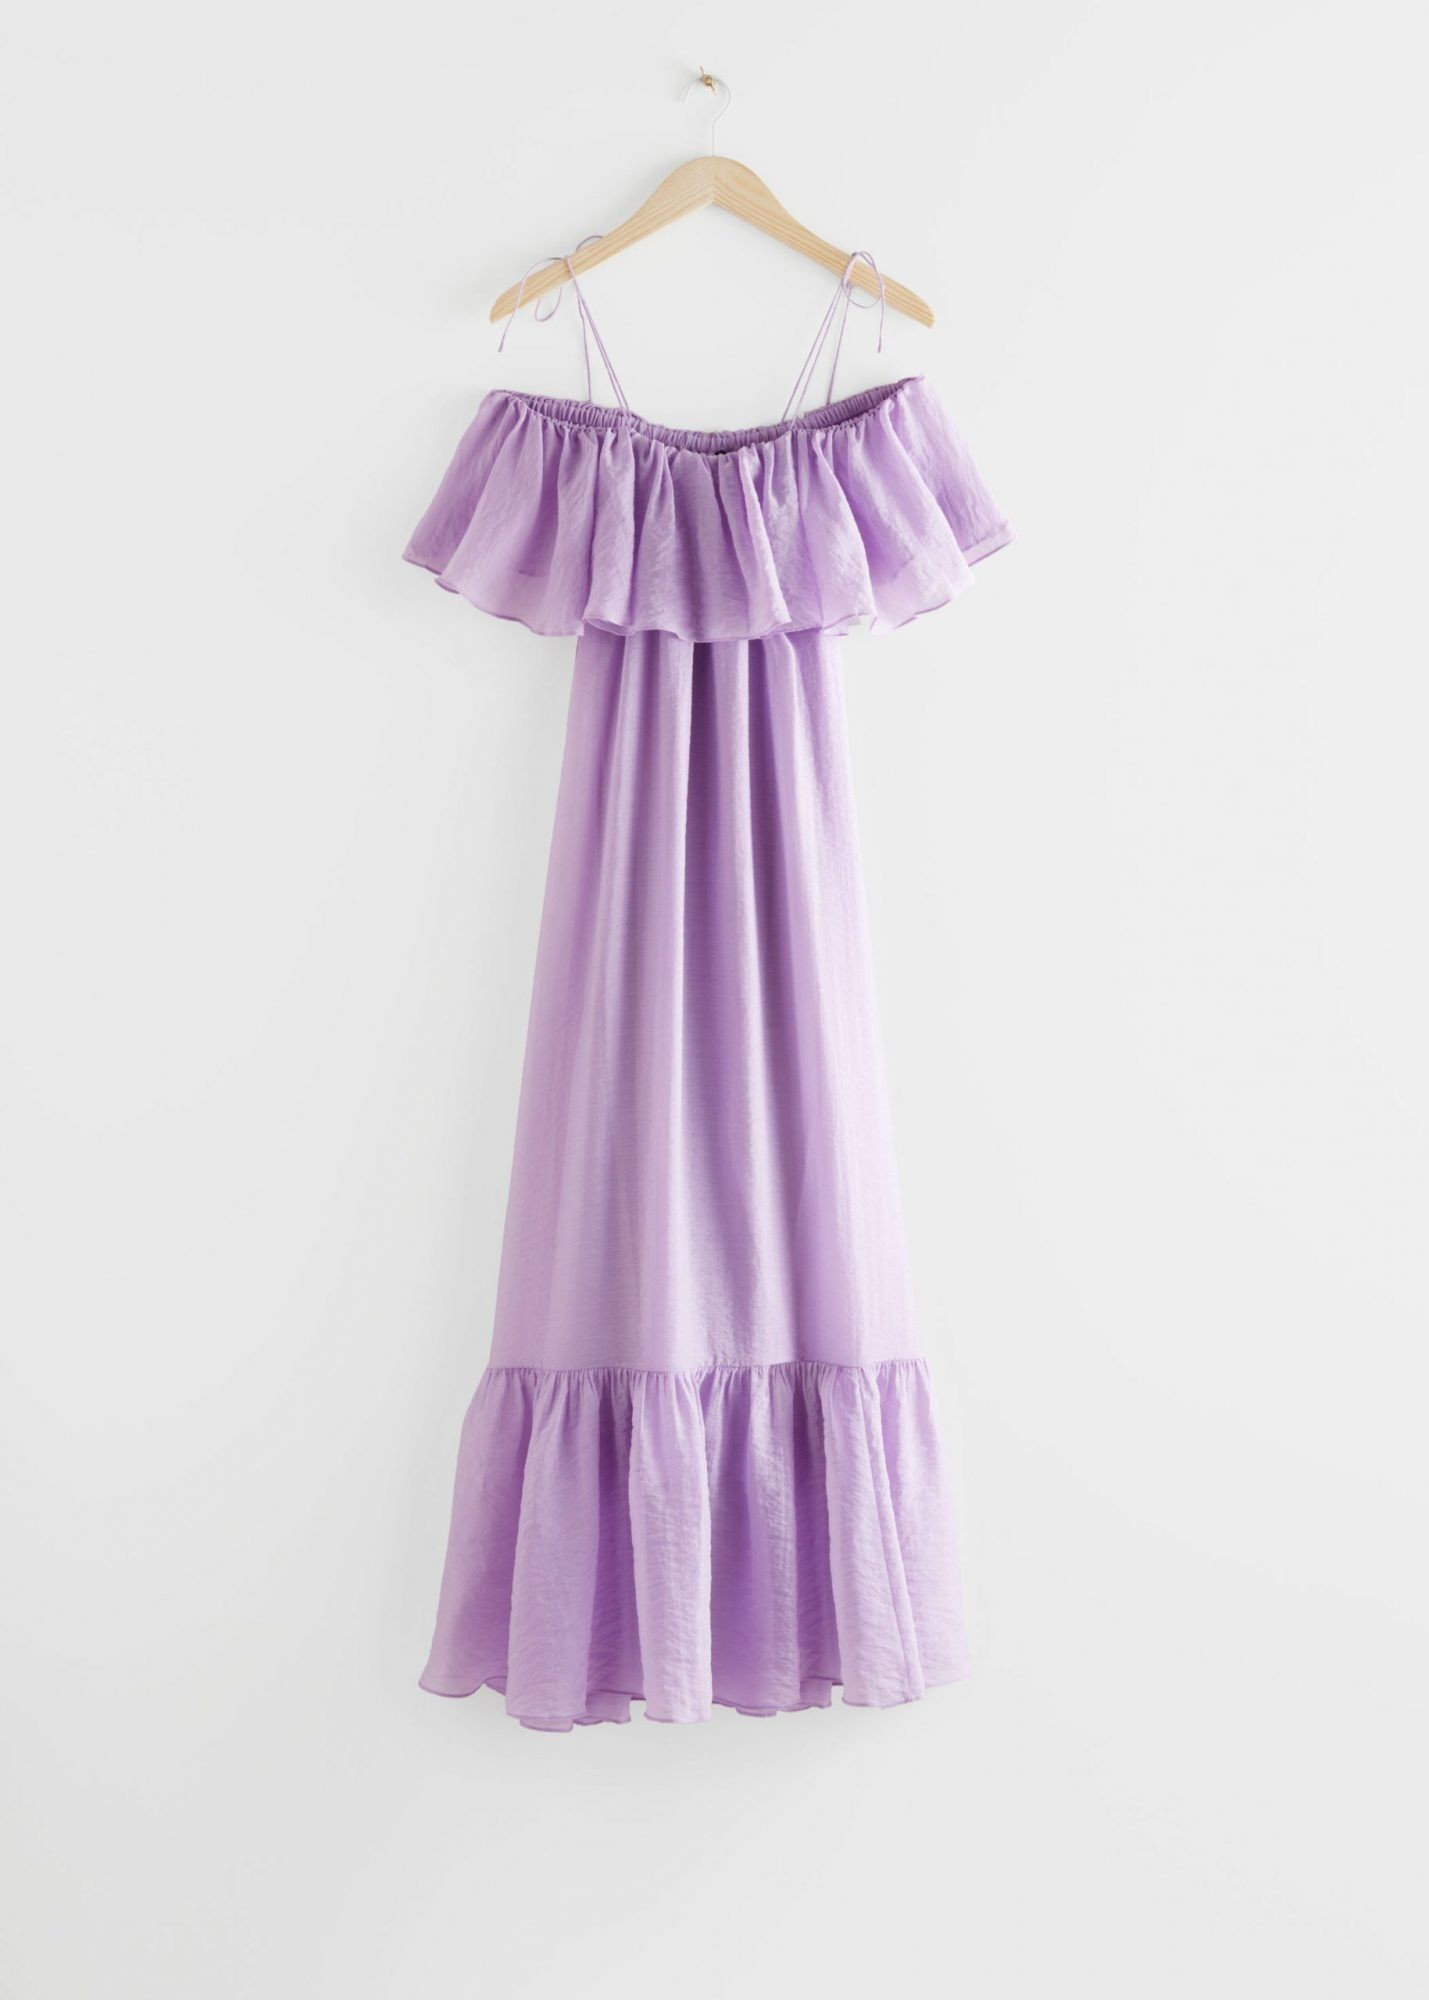 Με αυτά τα θεϊκά maxi φορέματα στη συλλογή σου, τα σχόλια θα πέσουν βροχή!